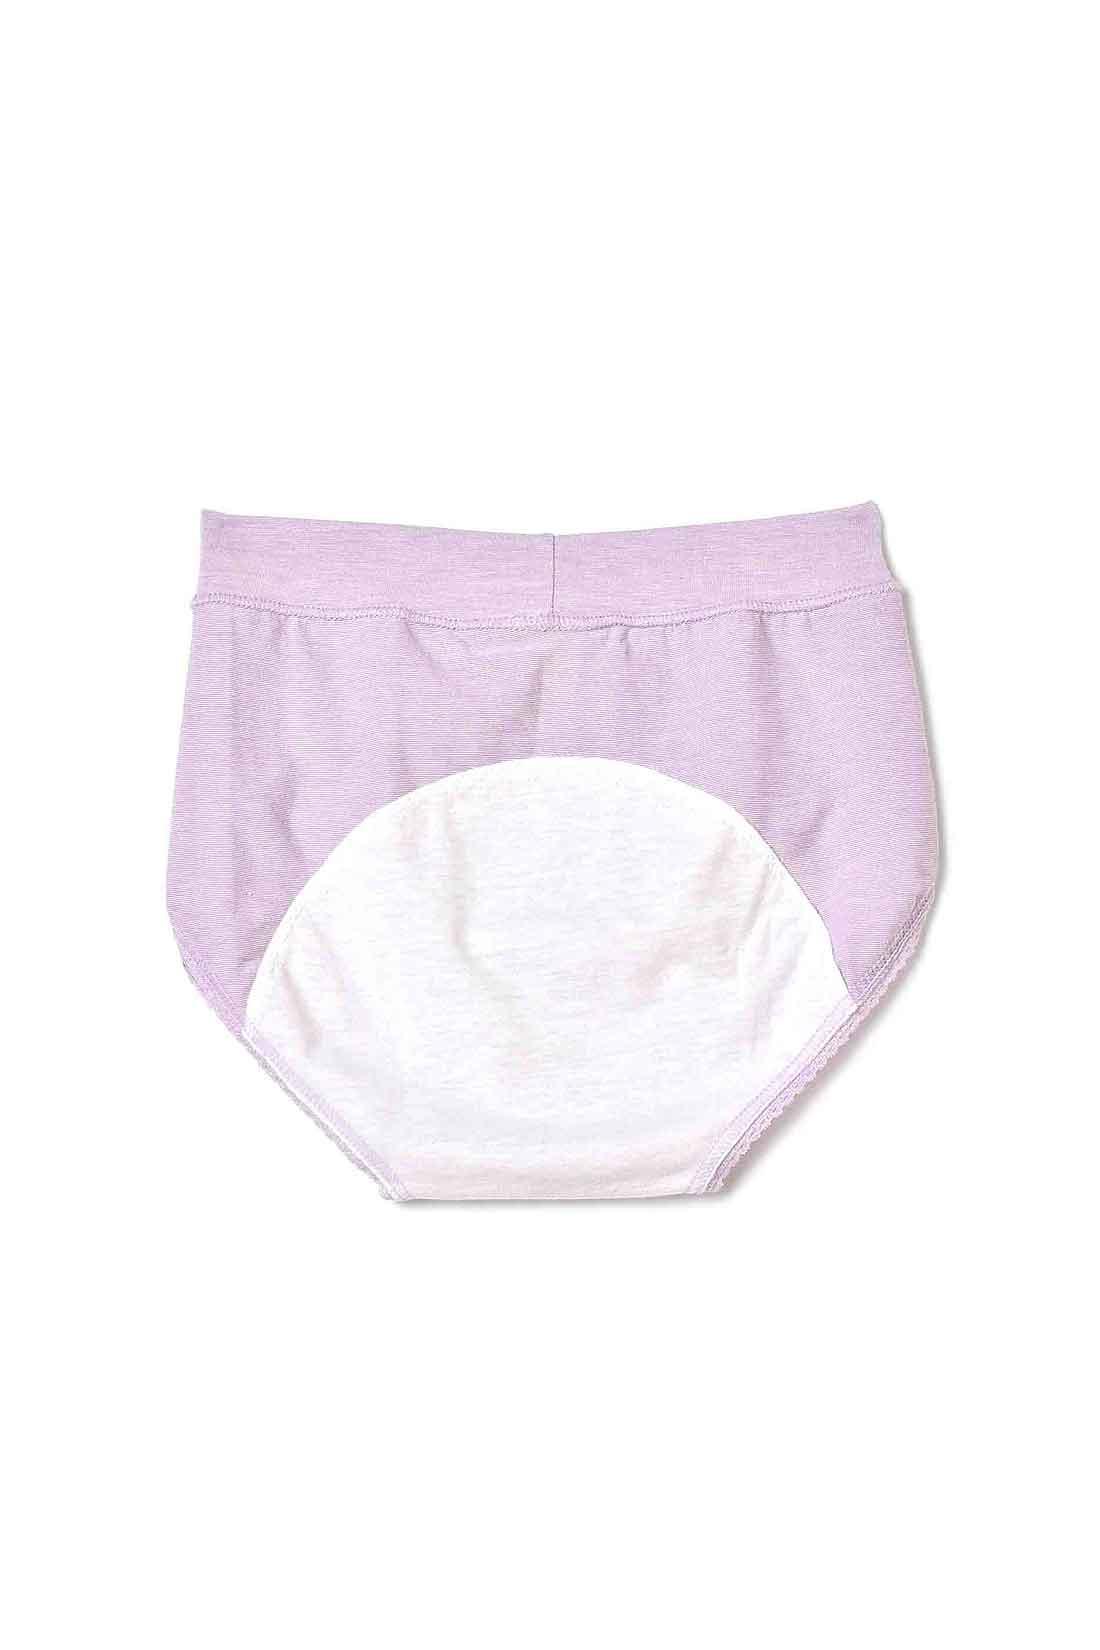 〈back 肌側〉肌にやさしいガーゼ天じくの防水布。防水布の長さには、つたいモレを防ぐ安心の丈と、ムレの軽減にもこだわりました。身生地は吸汗速乾素材でさらっと快適。